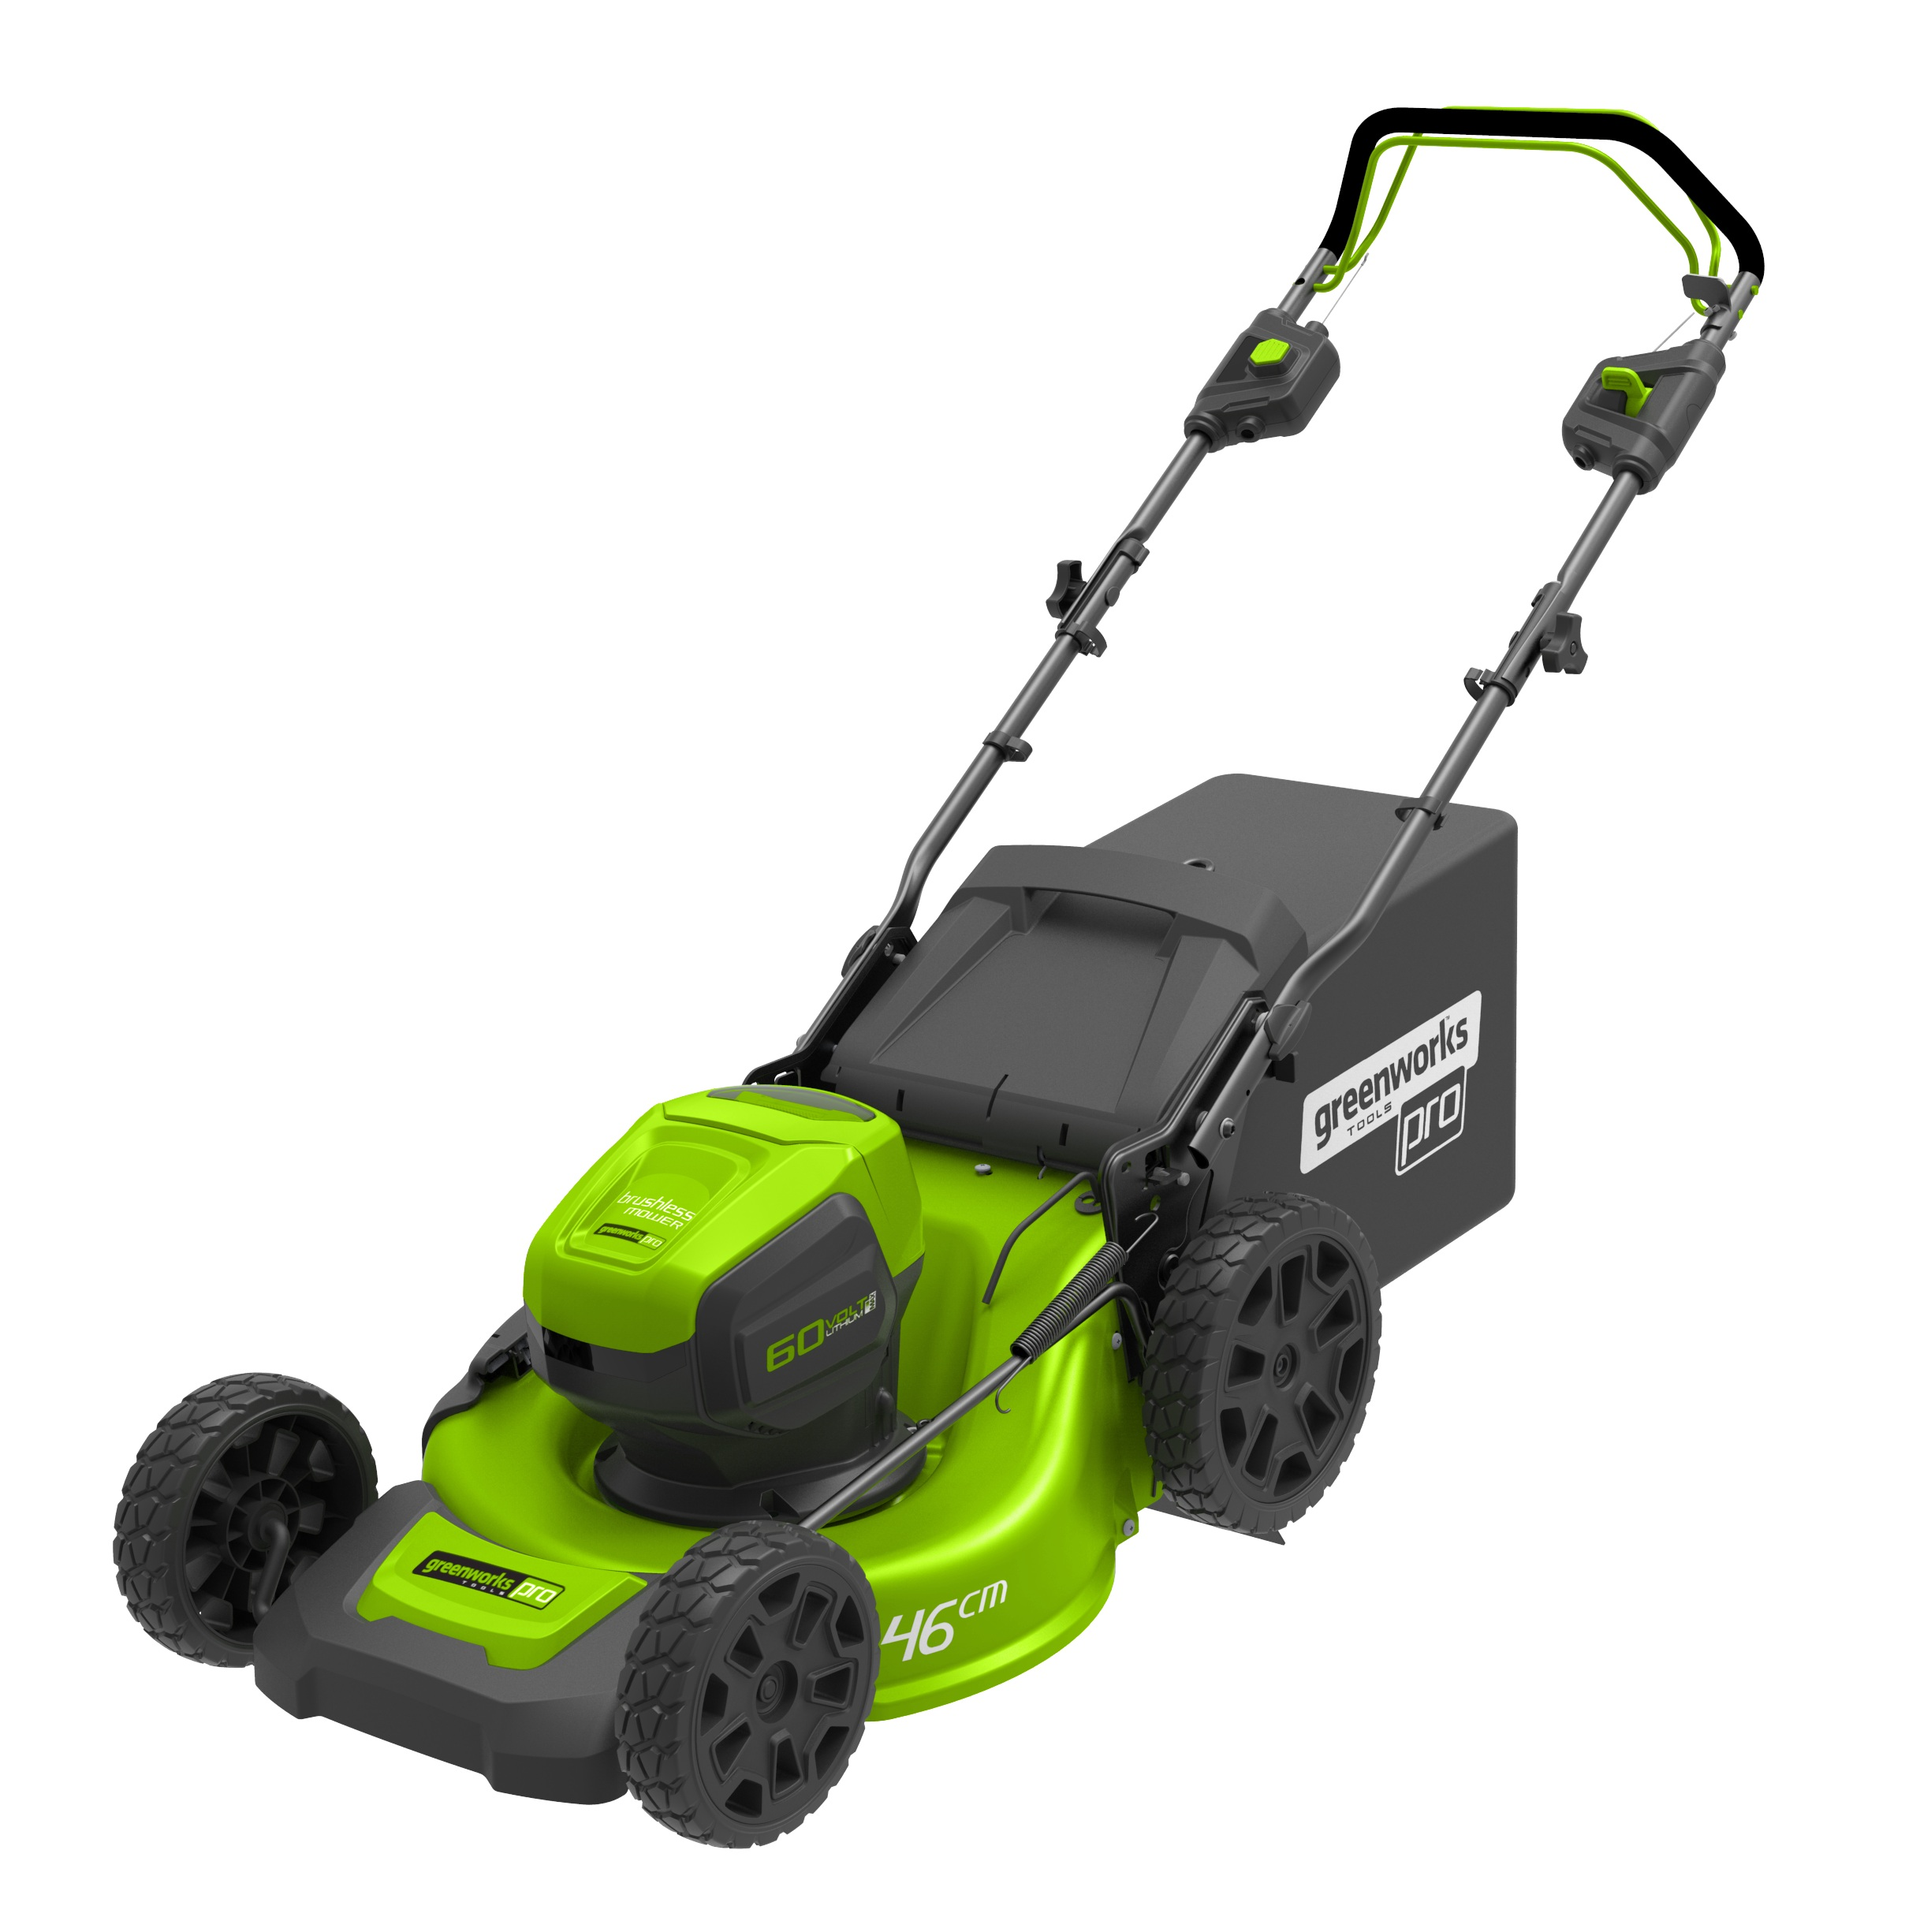 Greenworks GD60LM46SP, 60 V aku trávna kosačka 46 cm 3 v 1 s indukčním motorom a pojazdom